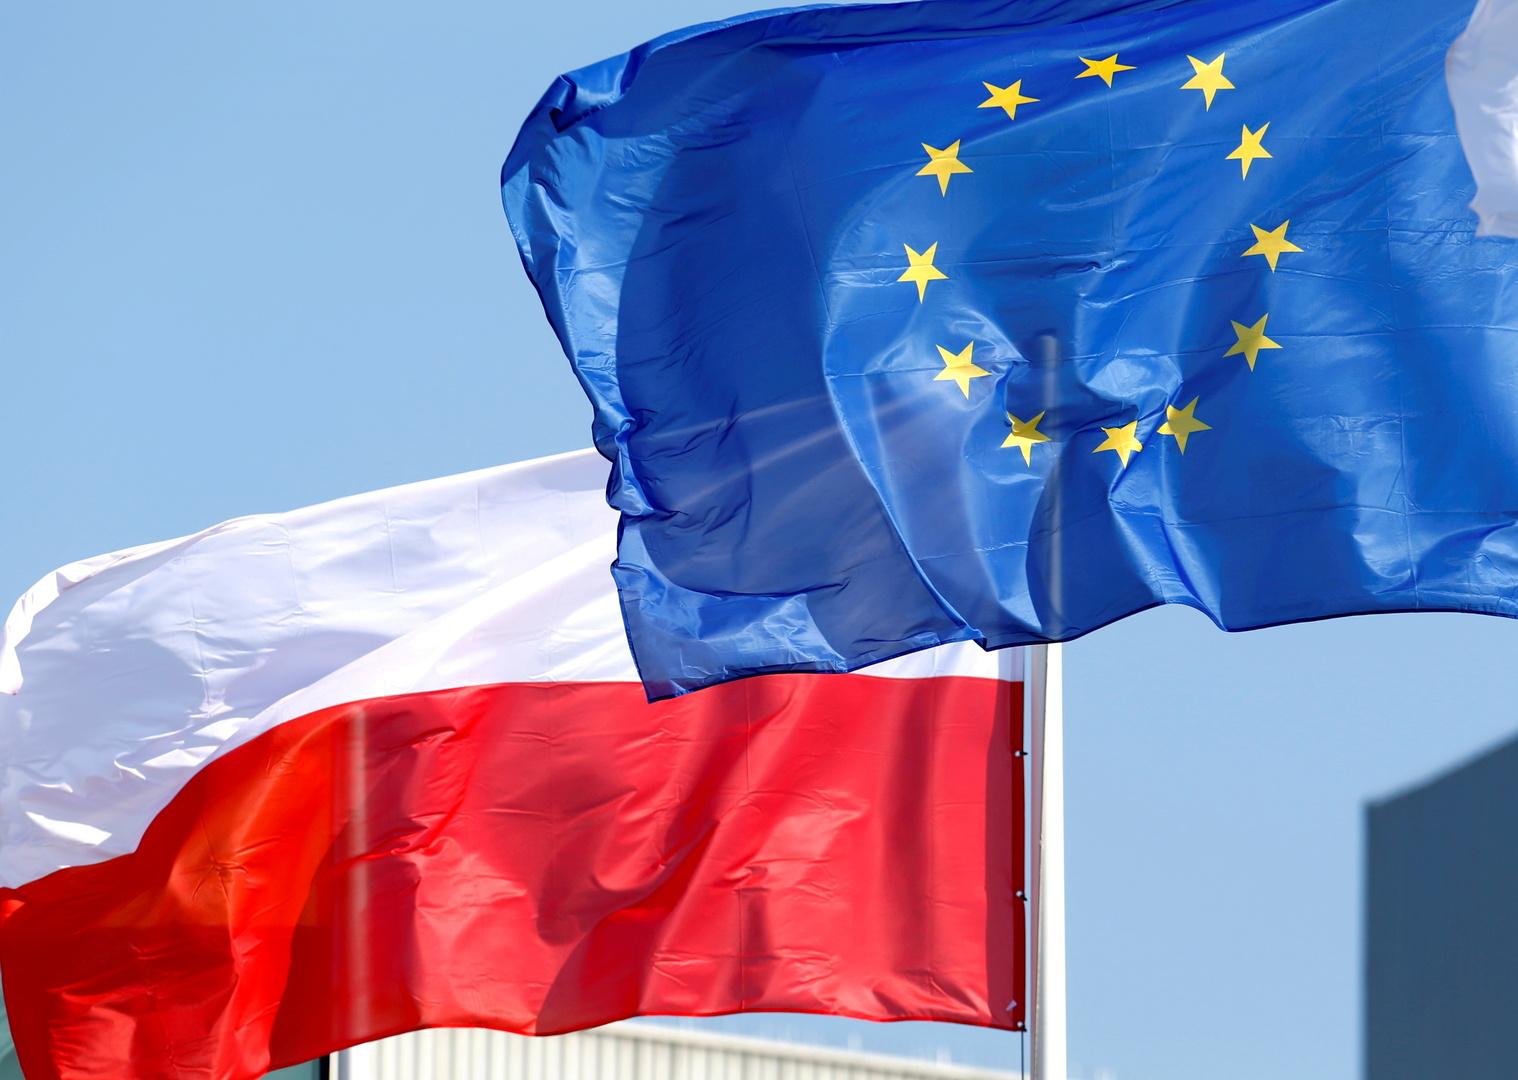 المفوضية الأوروبية تتوجه إلى المحكمة لمعاقبة بولندا